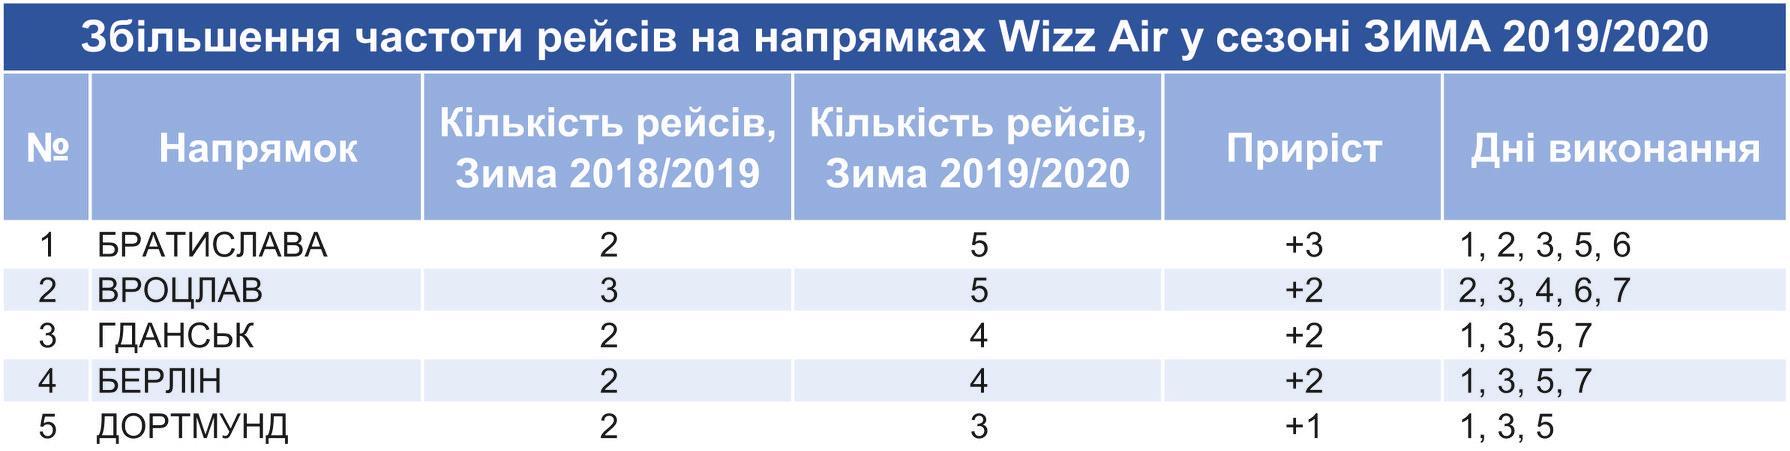 Wizz Air увеличивает частоту полетов из аэропорта Львов